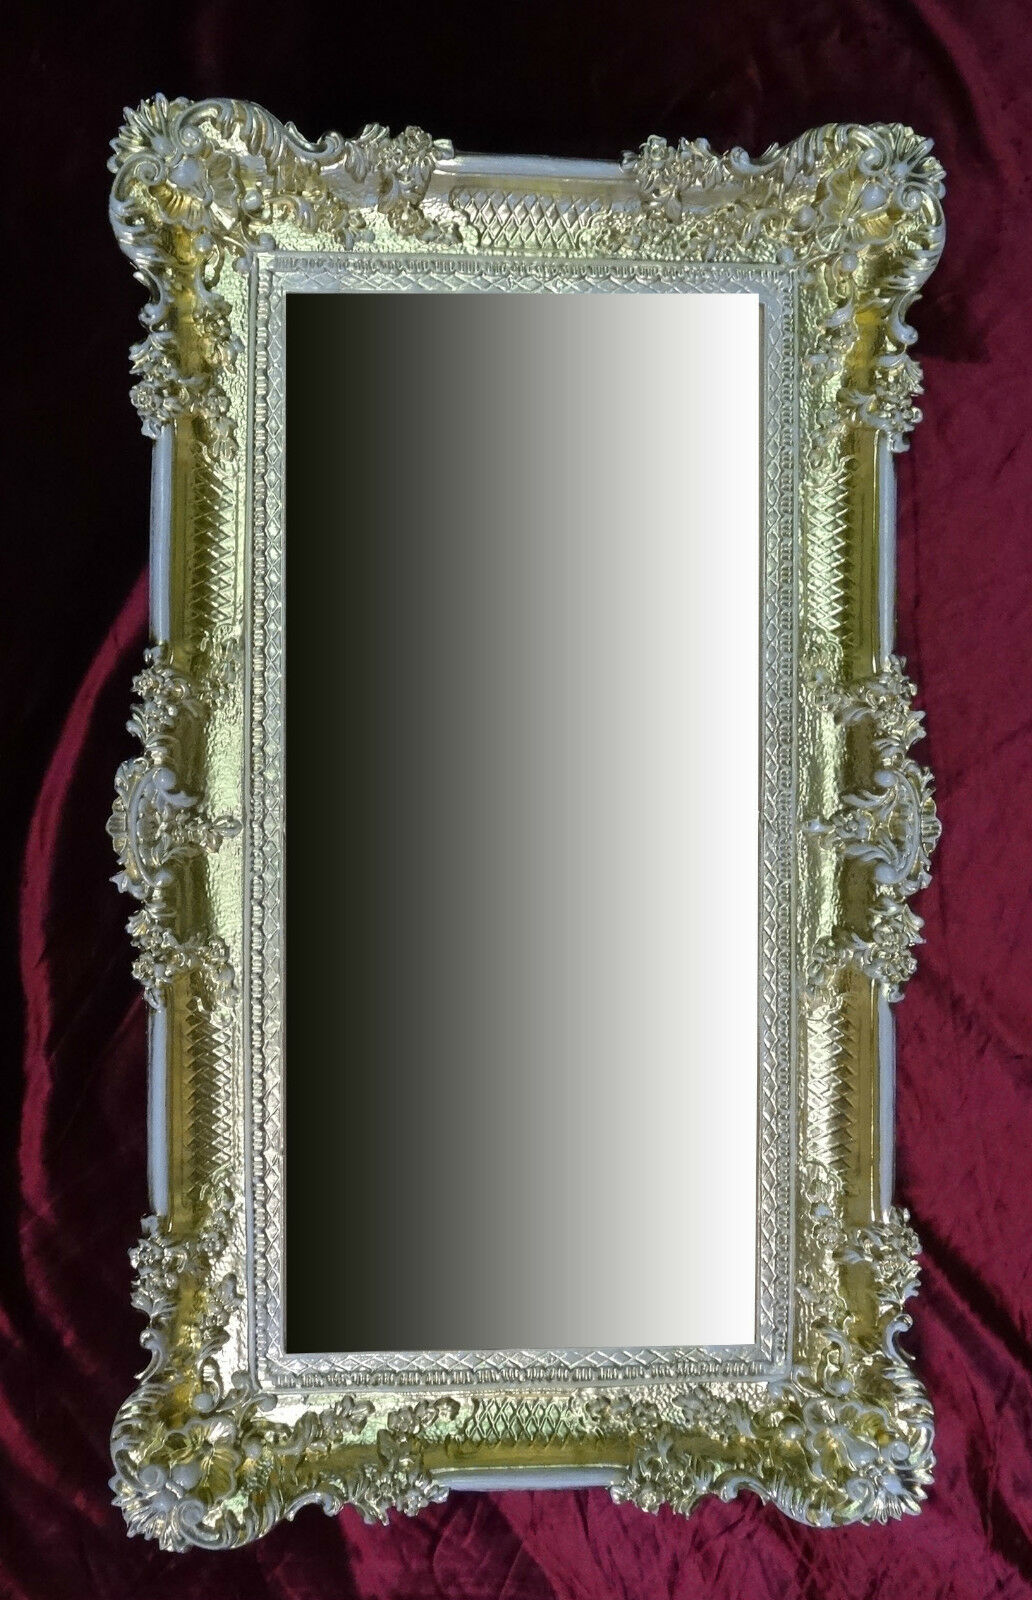 XXL Miroir mural rectangulaire Or/Blanc Baroque décoration ancien 96x57 96x57 96x57 WOW   Une Bonne Réputation Dans Le Monde Entier  b0fa56